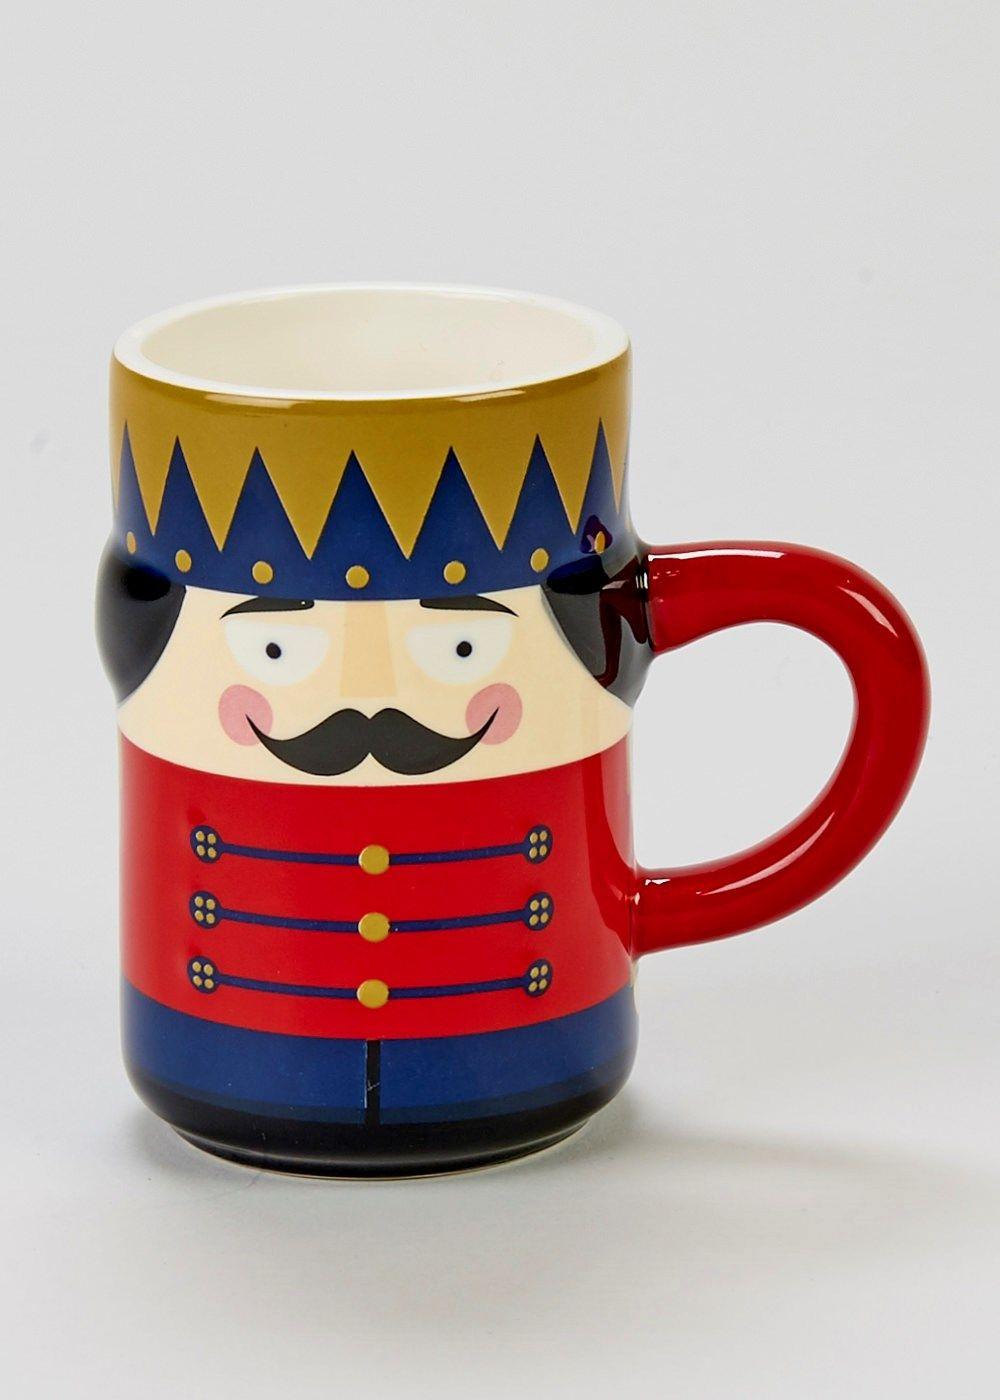 Nutcracker Mug 12cm X 8cm Matalan Mugs Shop Decoration Nutcracker